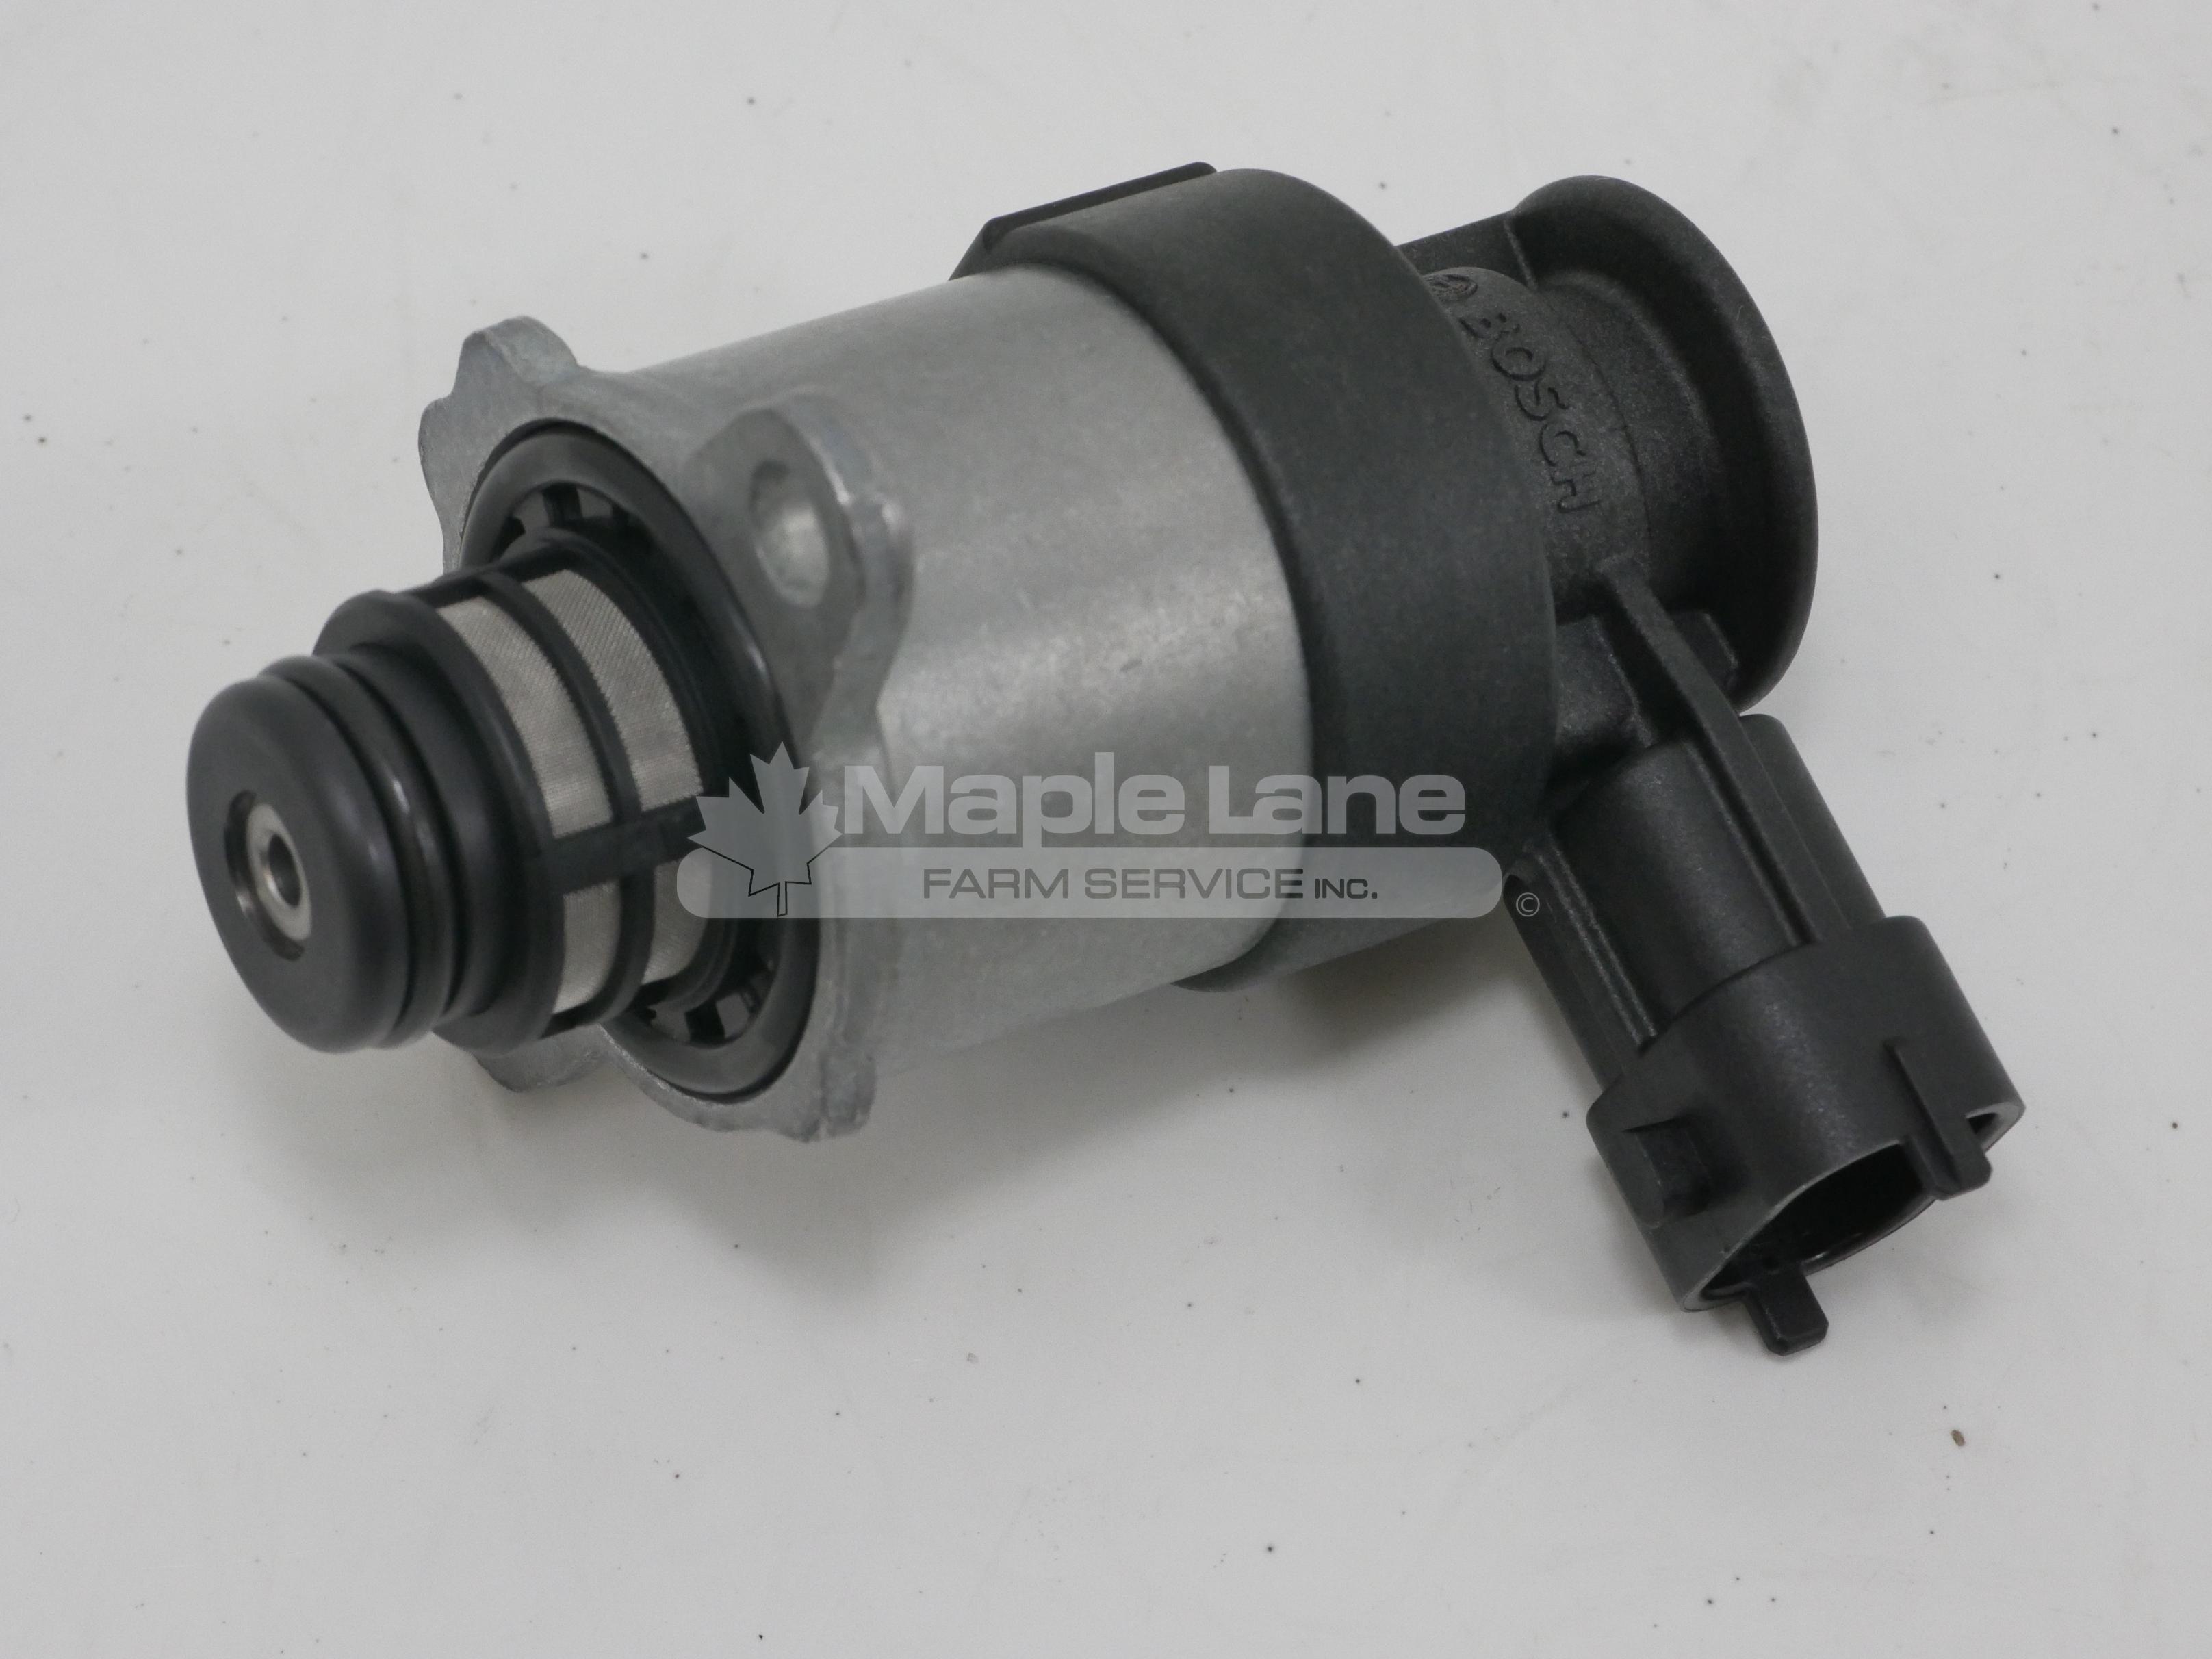 v837079652 valve